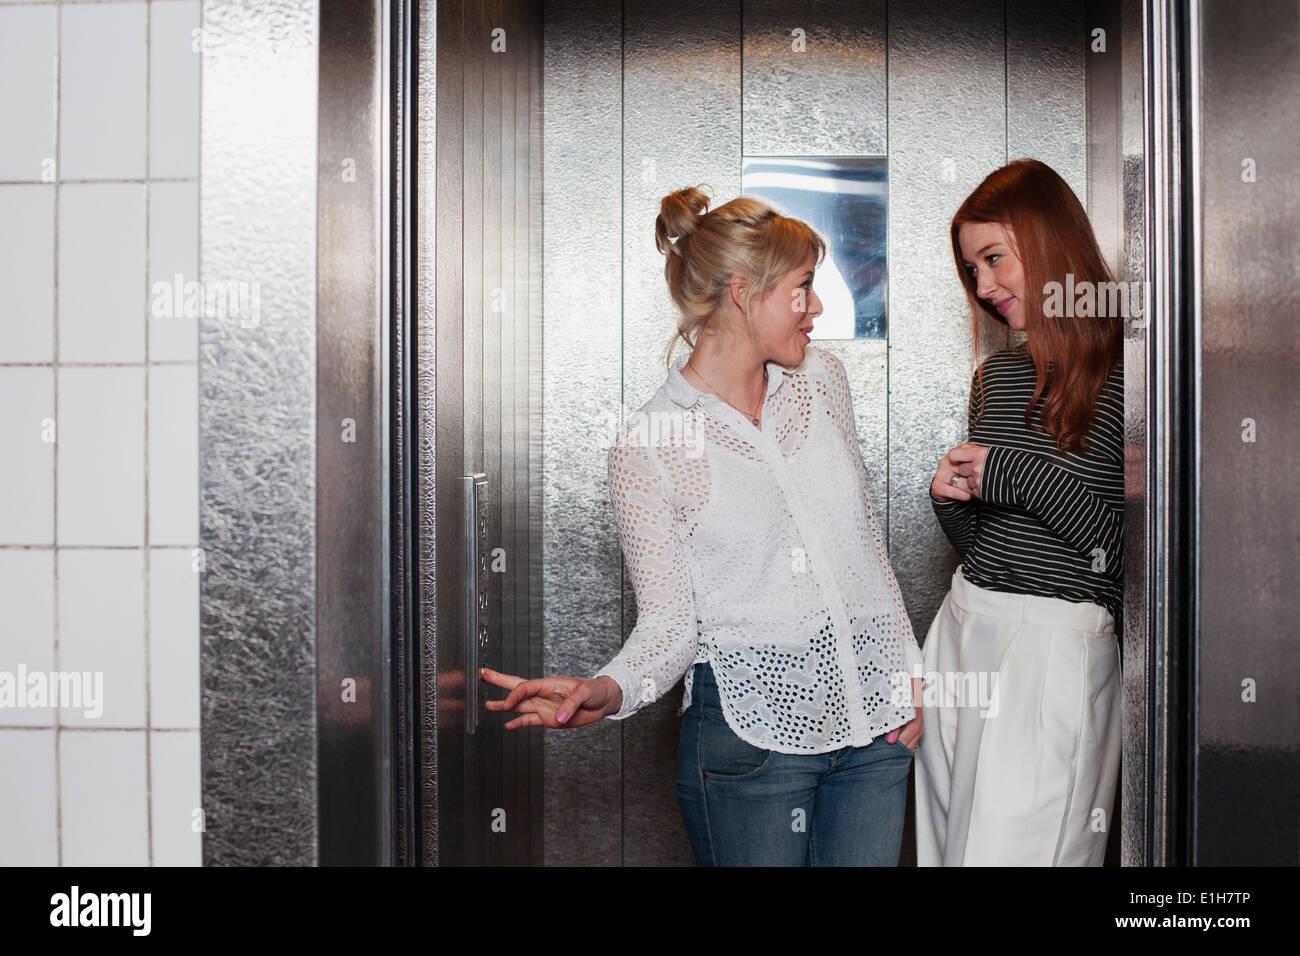 Las mujeres jóvenes en levante Imagen De Stock